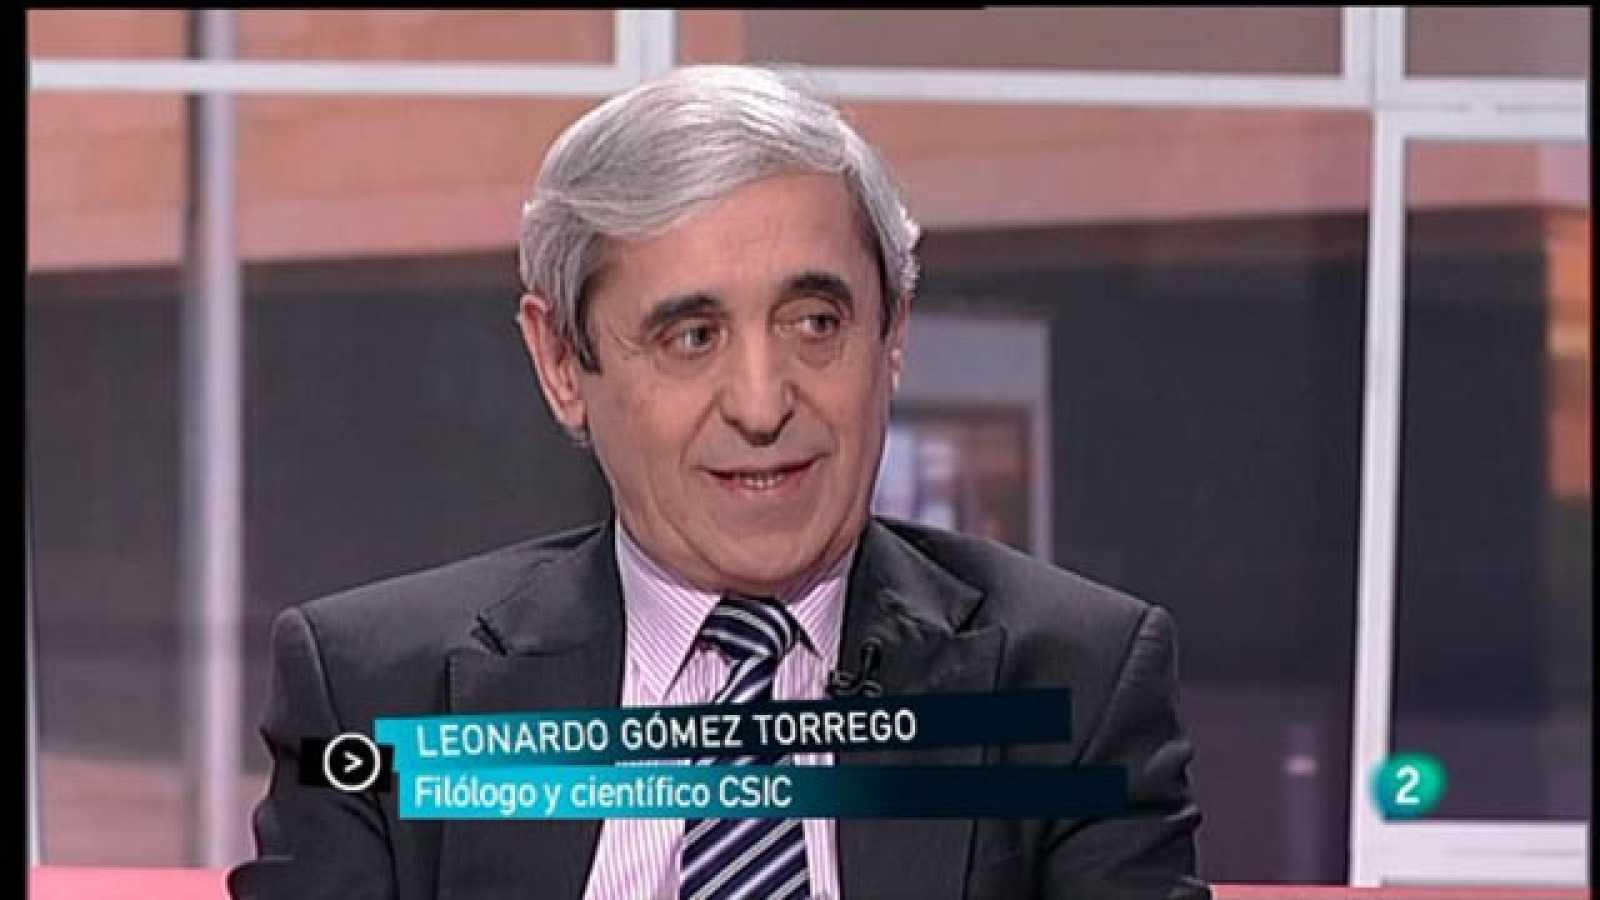 Para Todos La 2 - Entrevista: Leonardo Gómez Torrego, filólogo